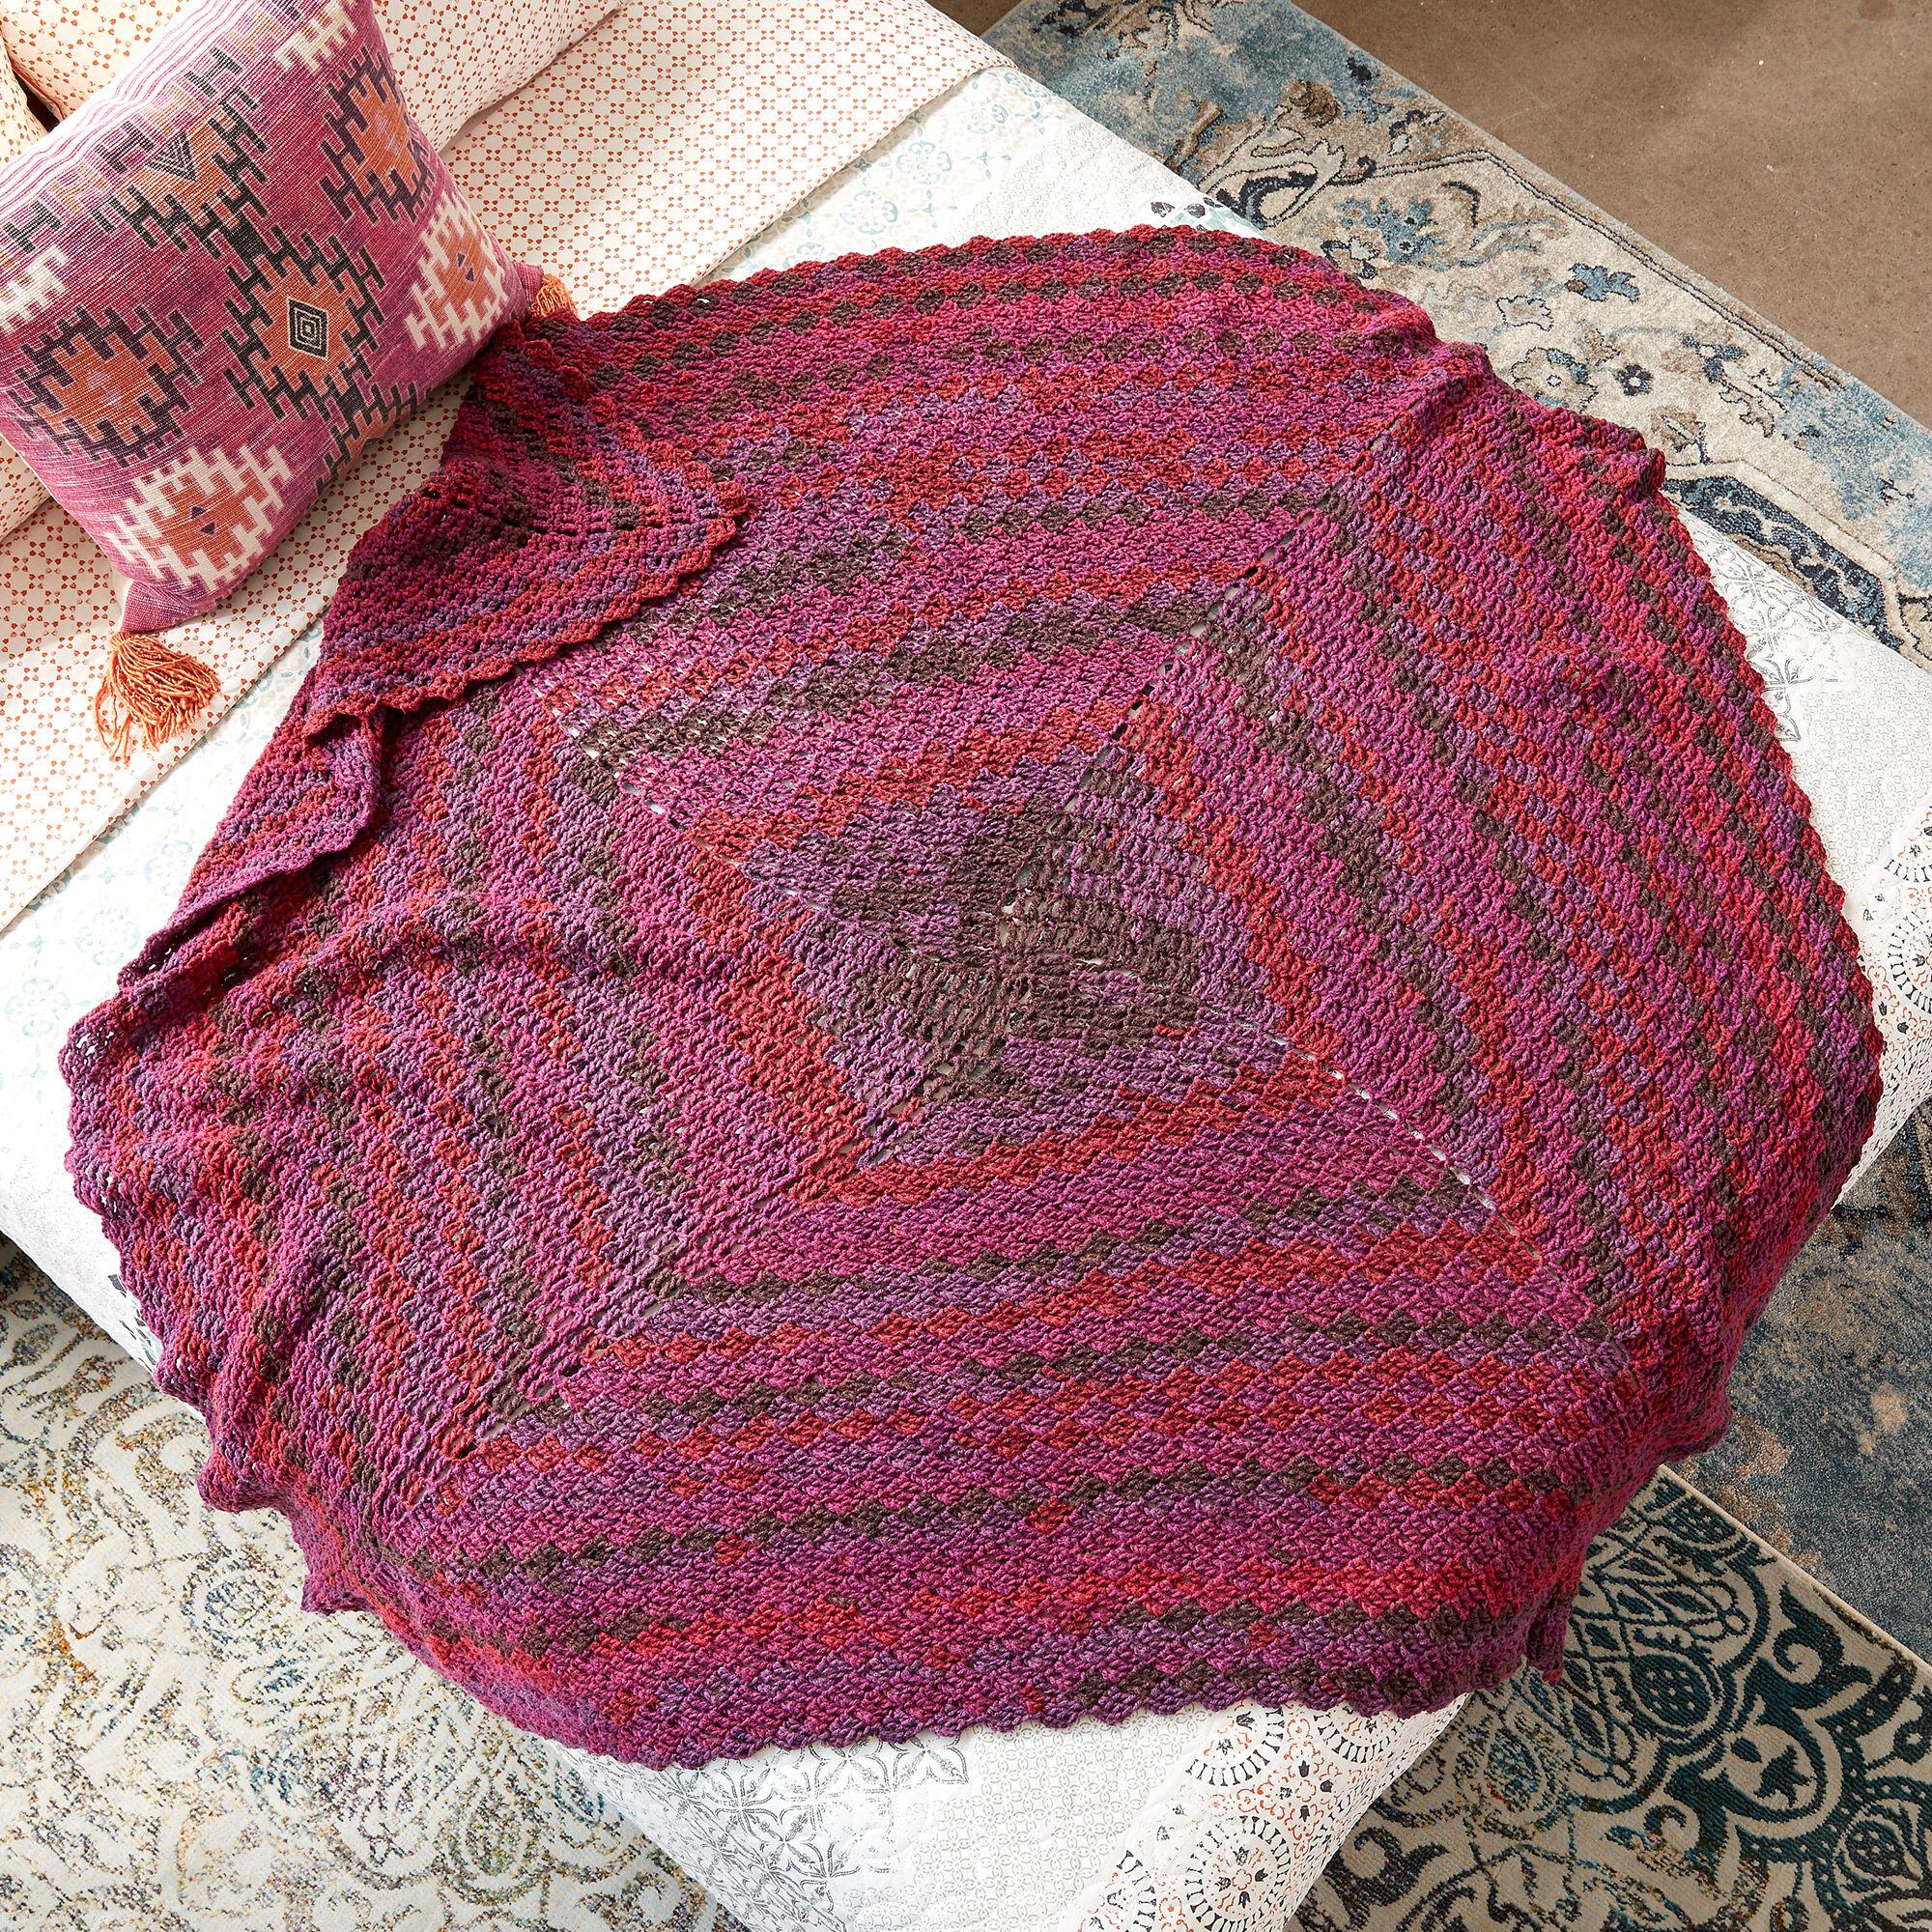 Caron Stacking Blocks Crochet Blanket Version 1 Pattern